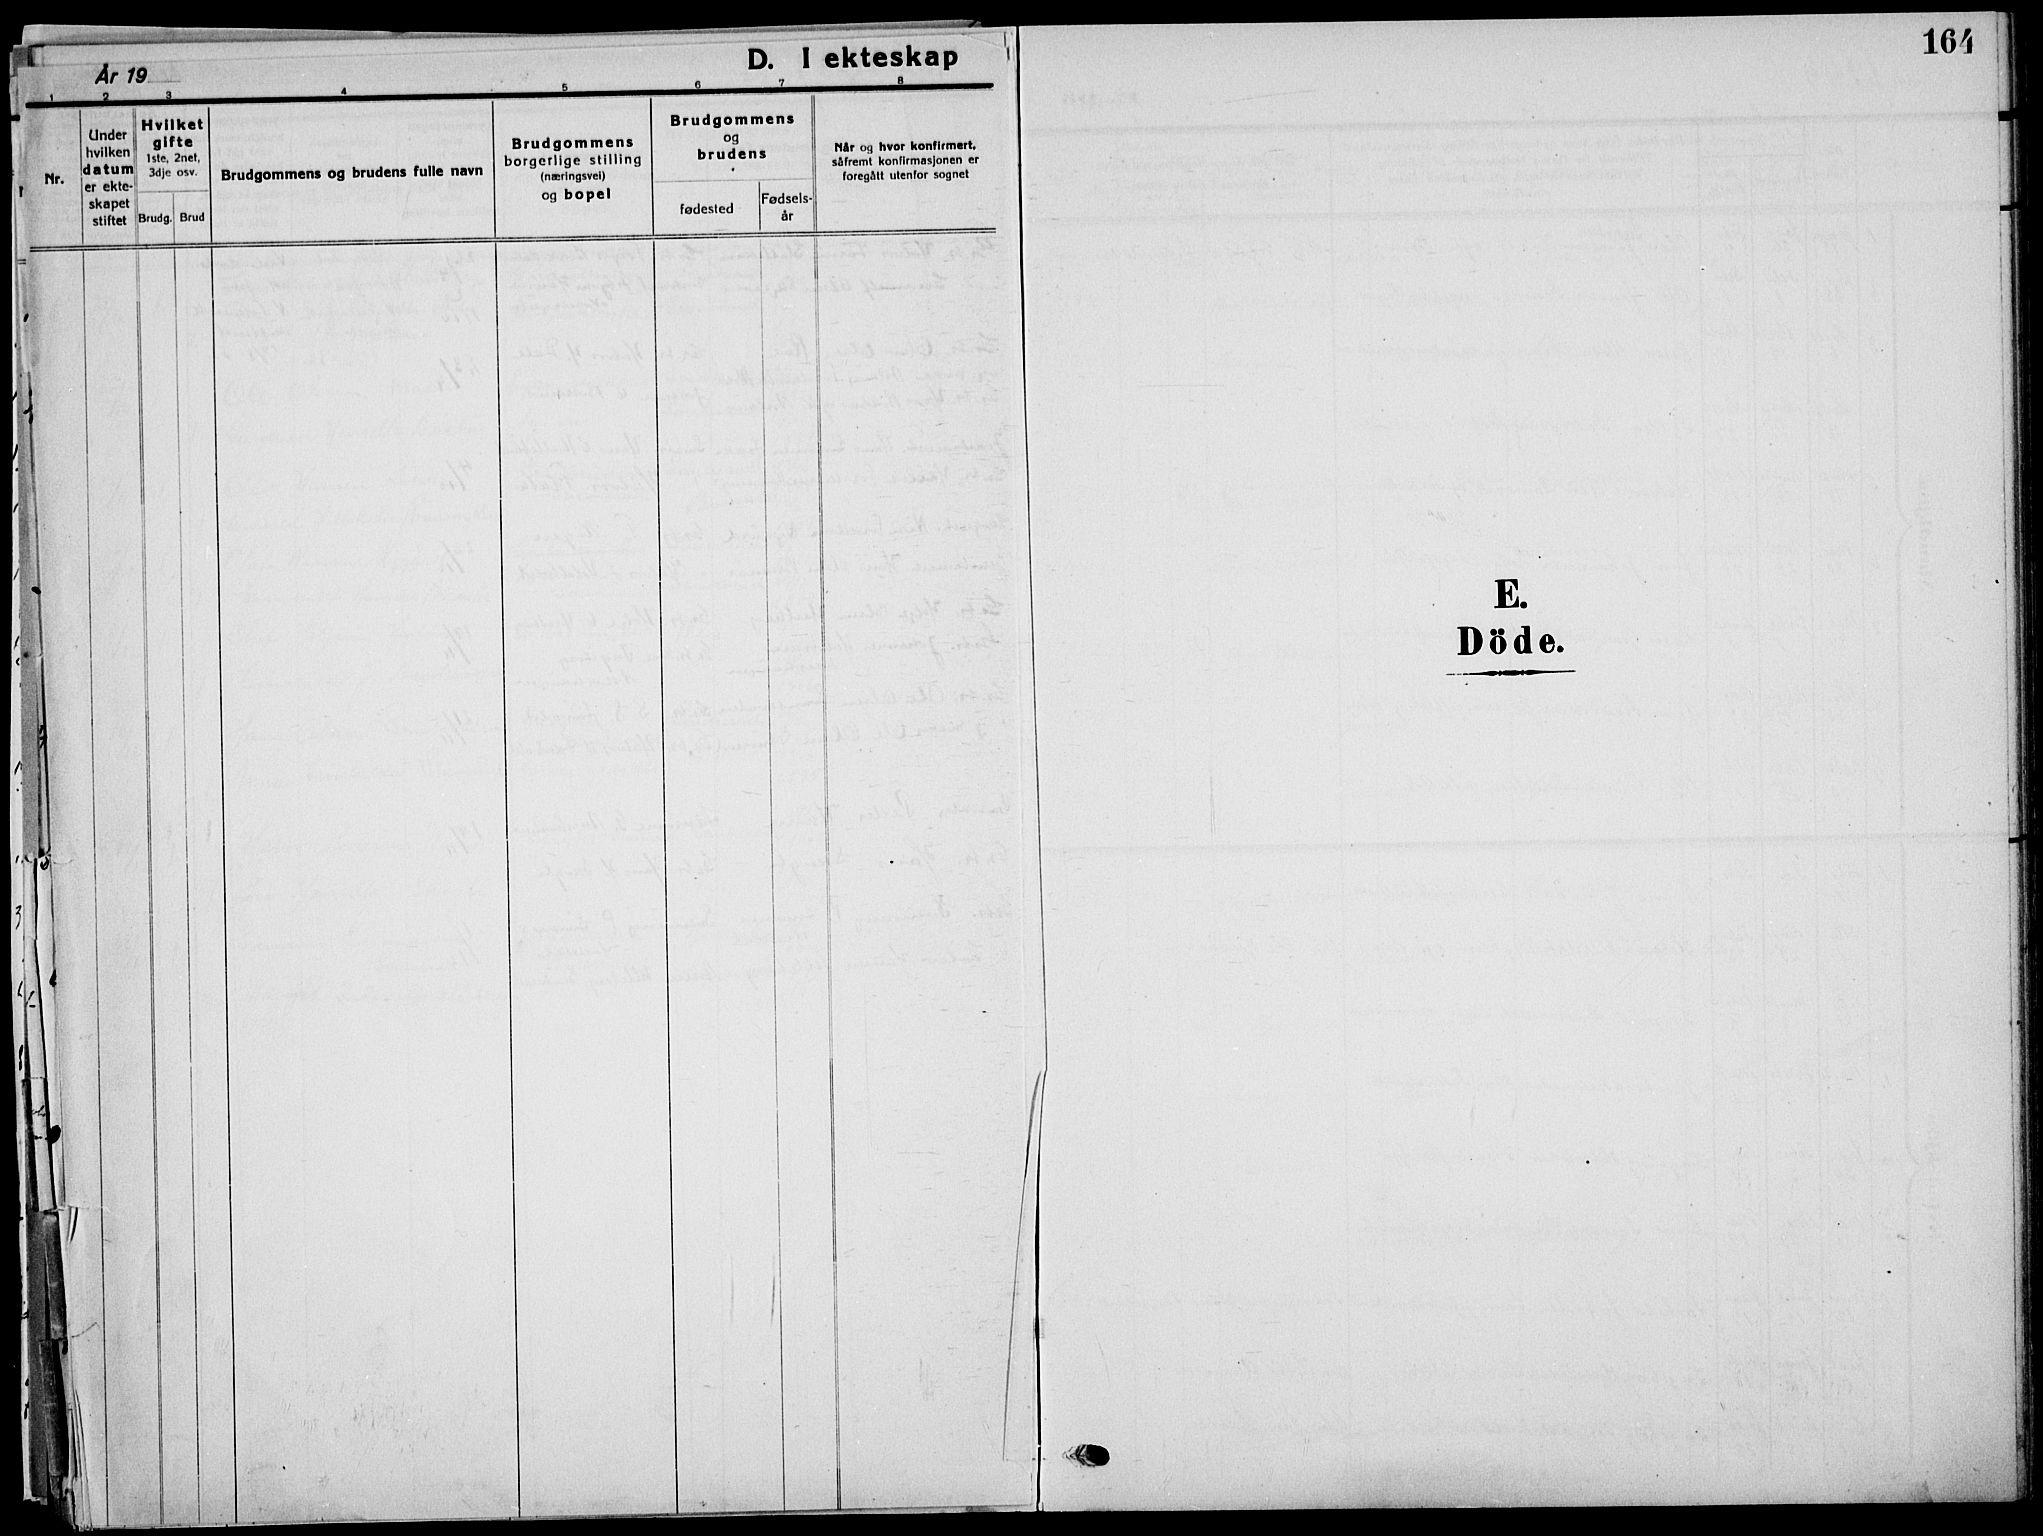 SAKO, Sauherad kirkebøker, G/Ga/L0004a: Klokkerbok nr. I 4, 1906-1934, s. 164